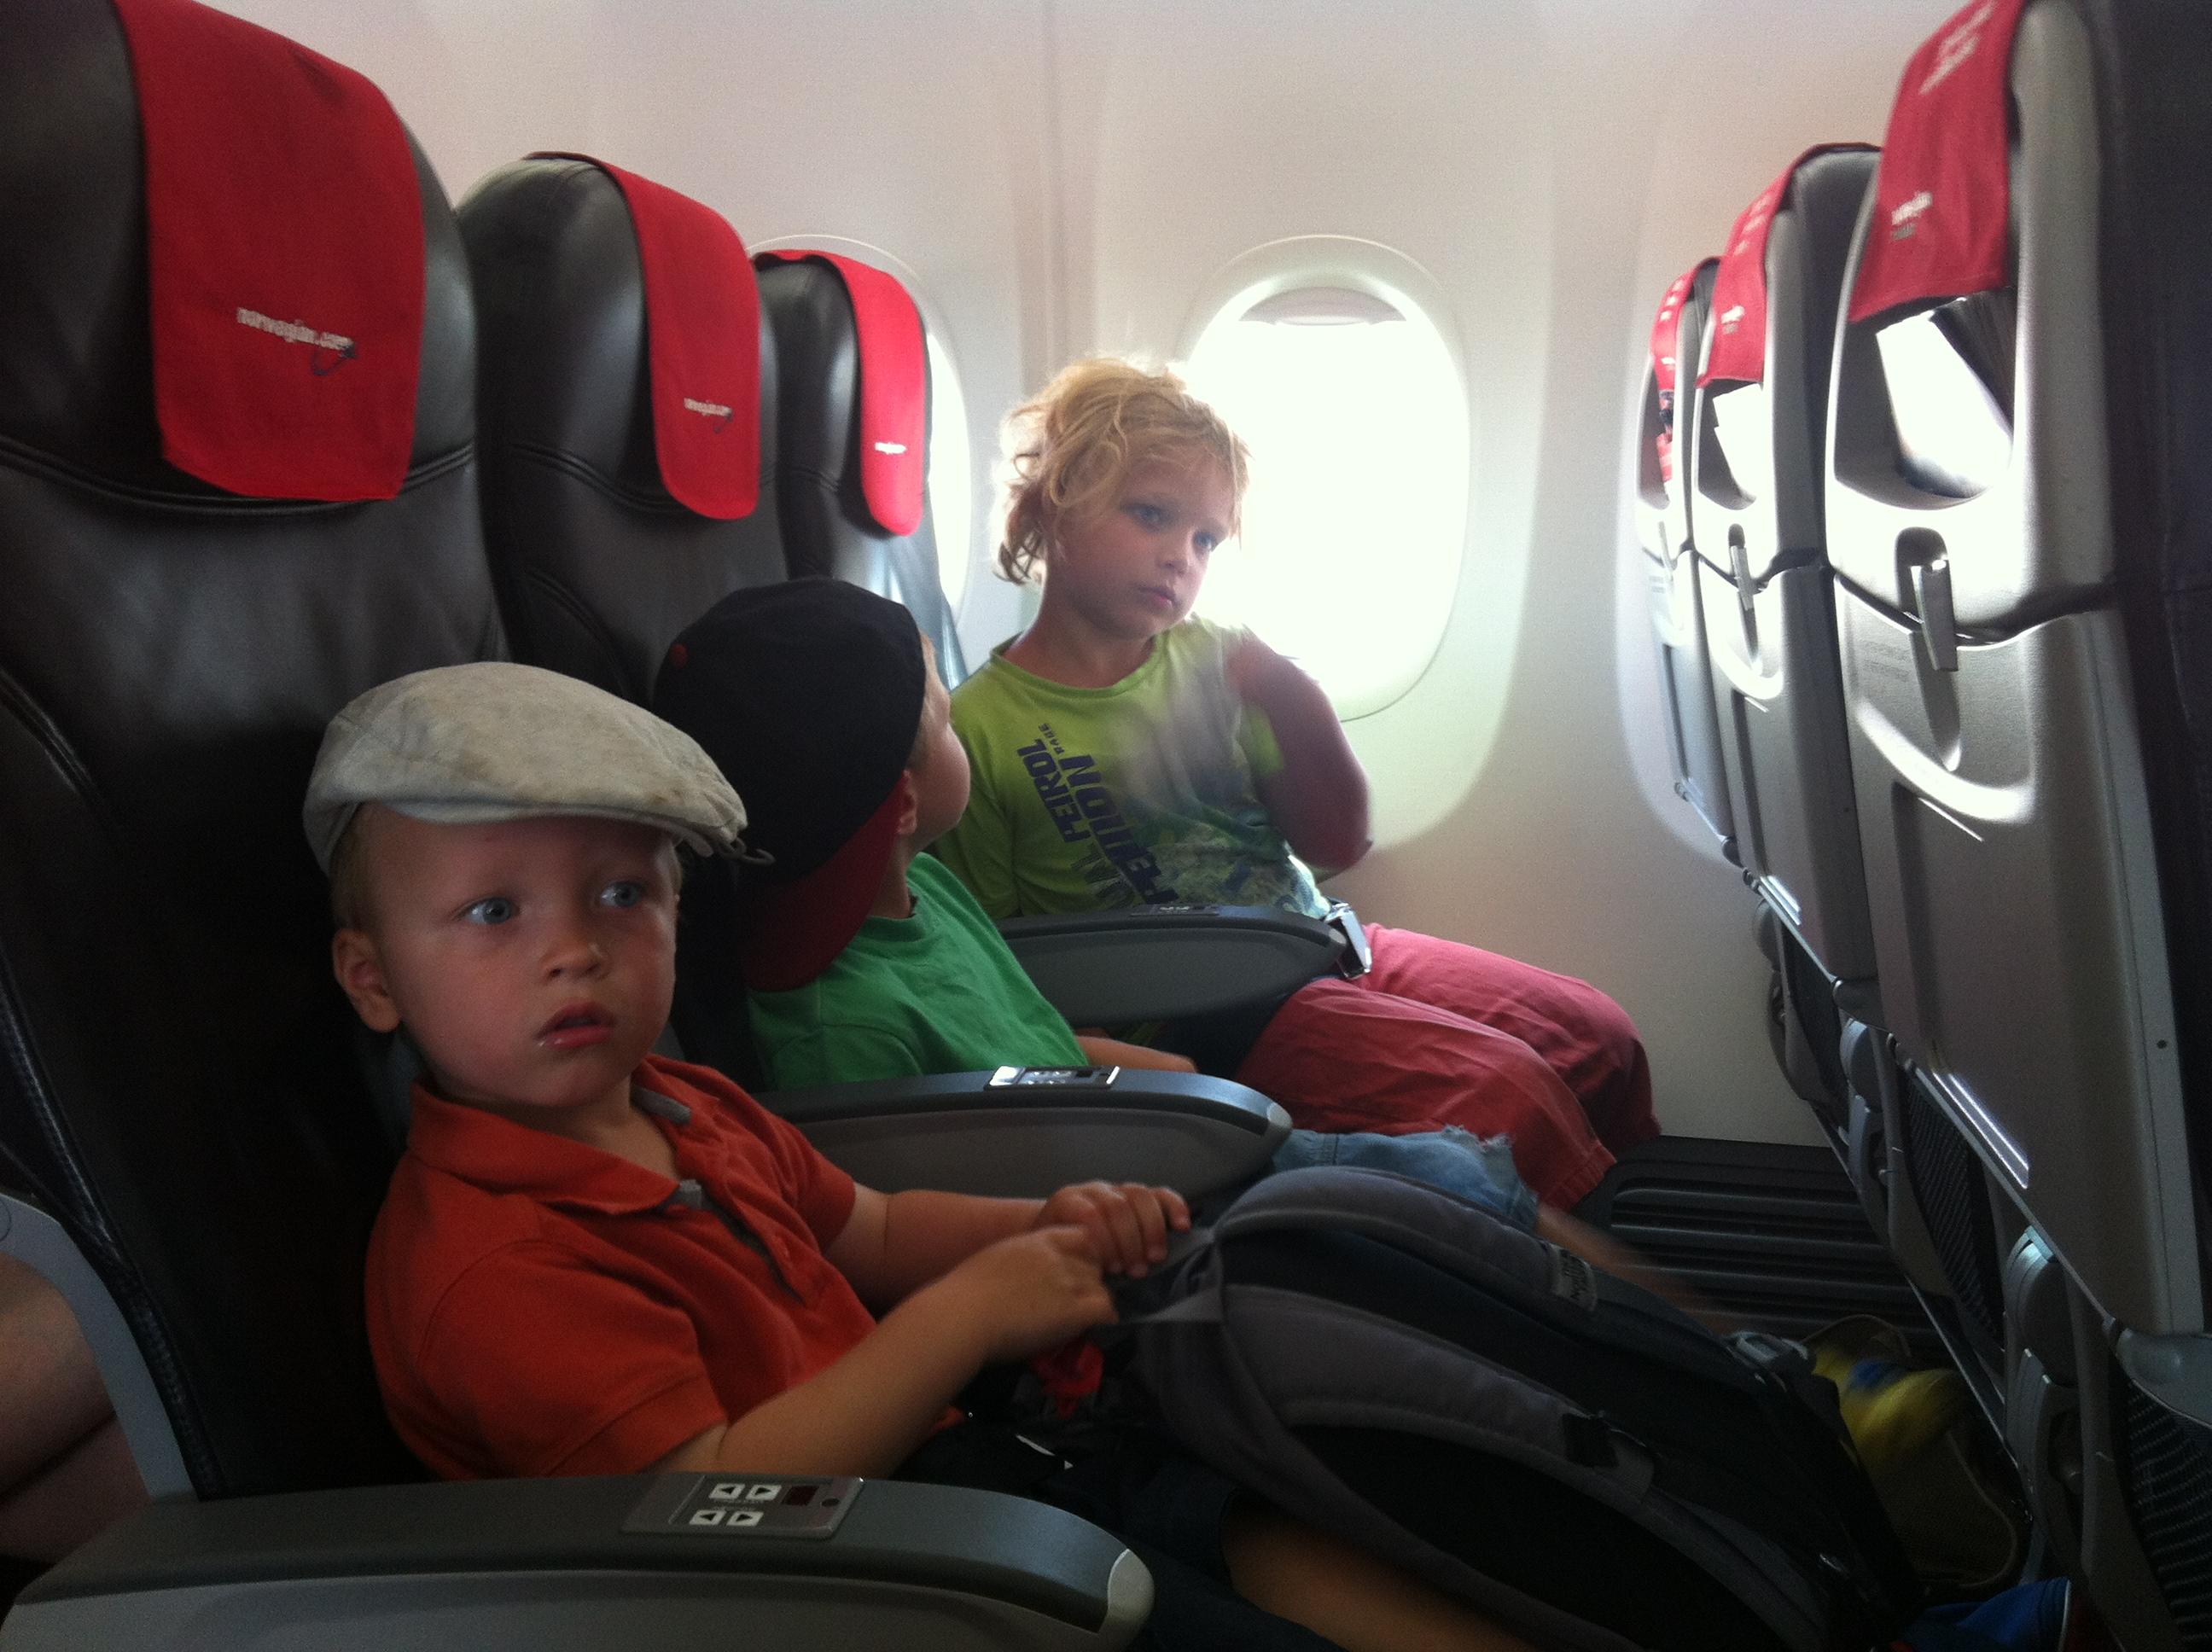 Kotiinpaluuta kannattaa suunnitella jo matkan varausvaiheessa. Tässä kotimatkalla Kroatiasta kesällä 2012